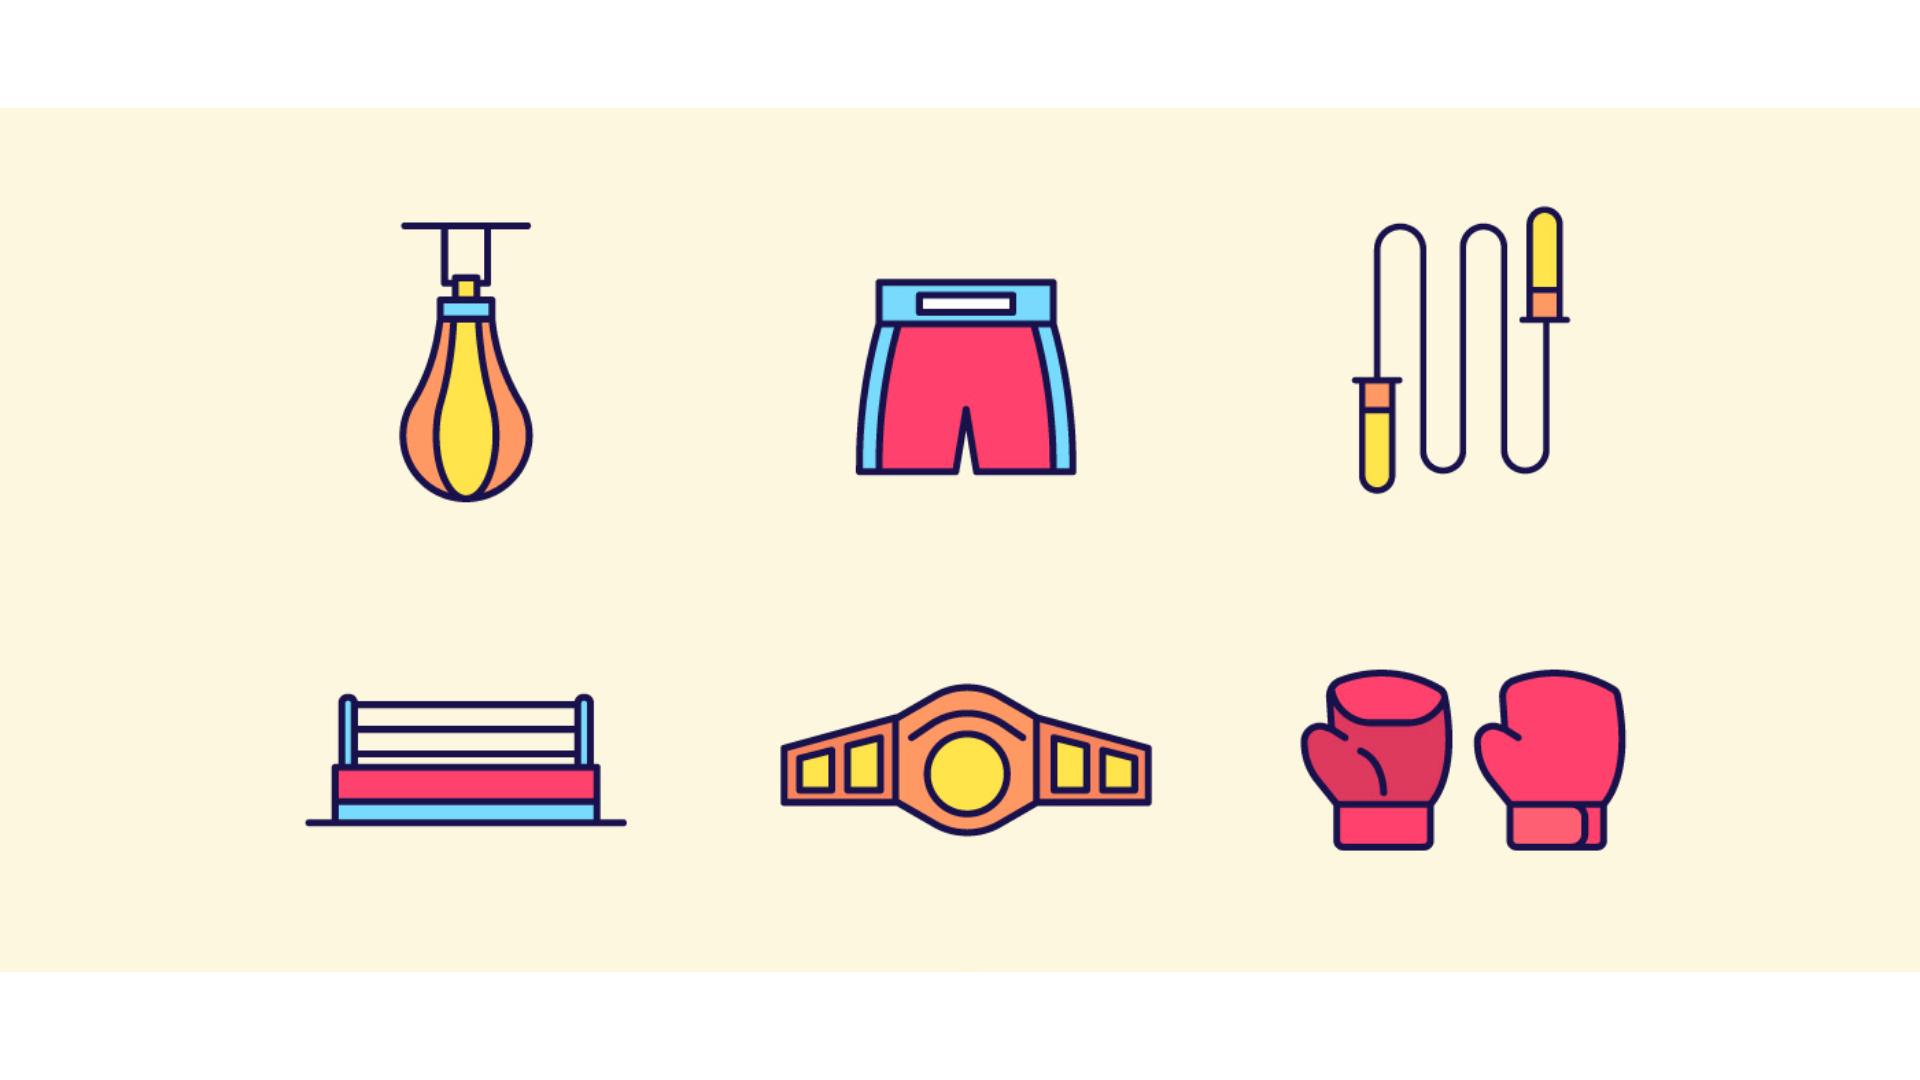 boks ekipmanları için kullanılan bir çizim görseli.